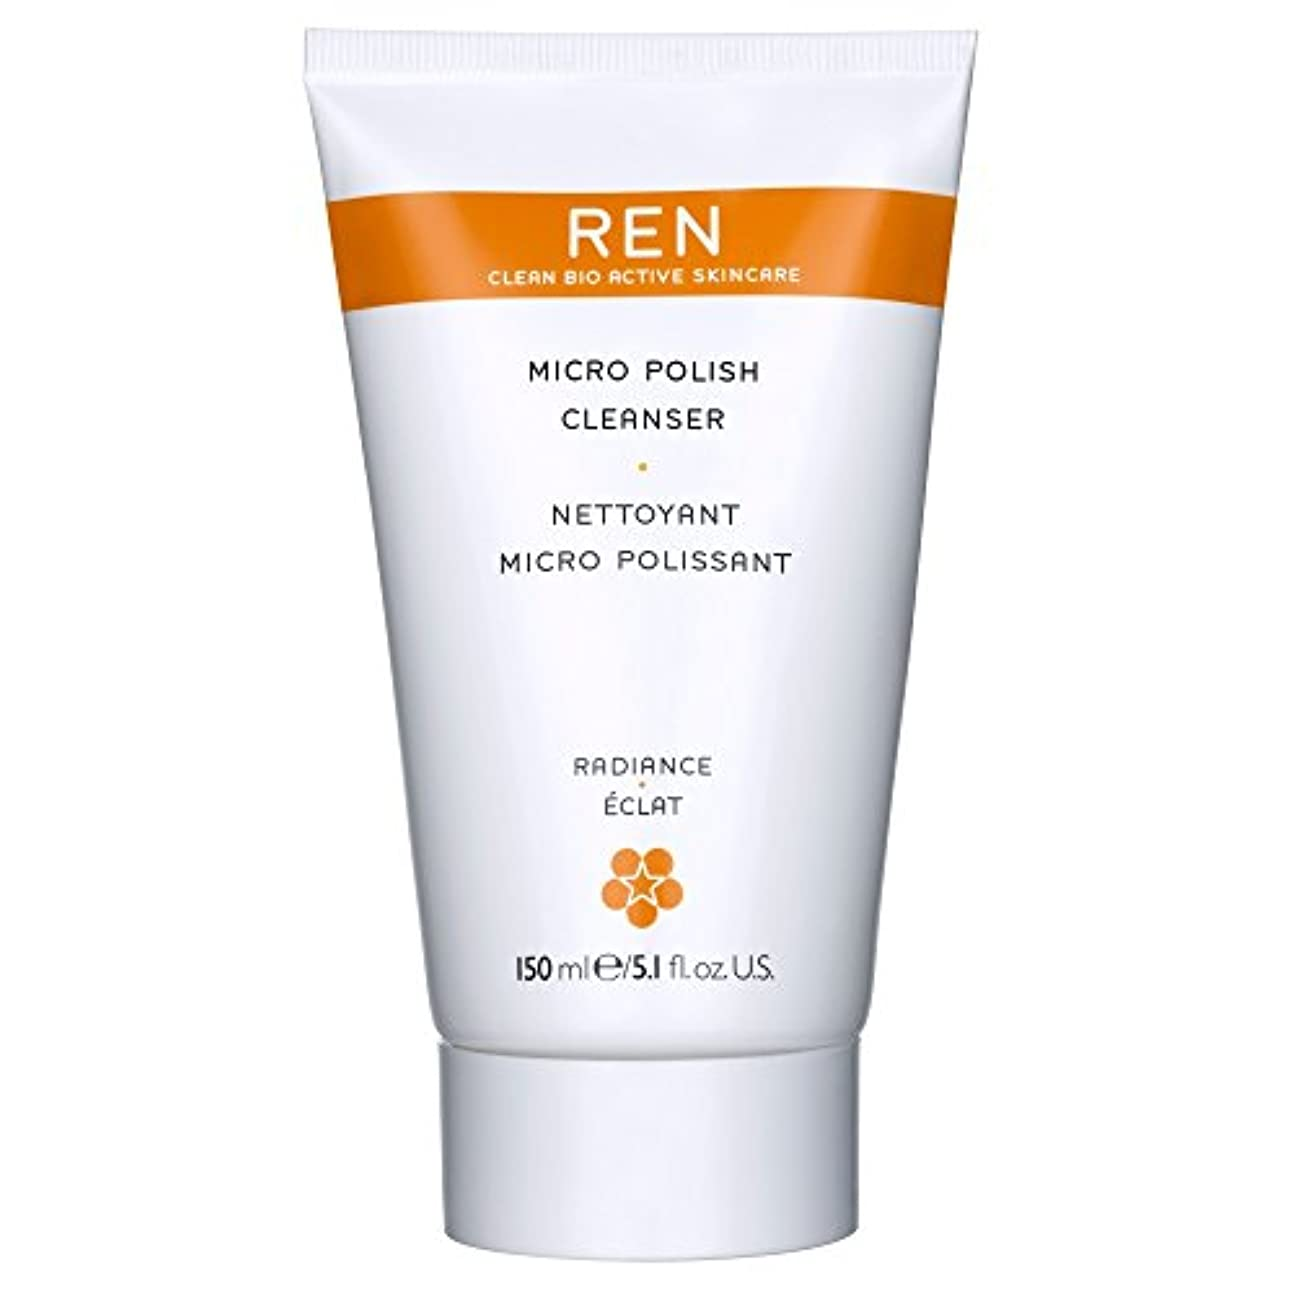 はがきエントリ独占Renミルコ磨きクレンザー、150ミリリットル (REN) (x2) - REN Mirco Polish Cleanser, 150ml (Pack of 2) [並行輸入品]